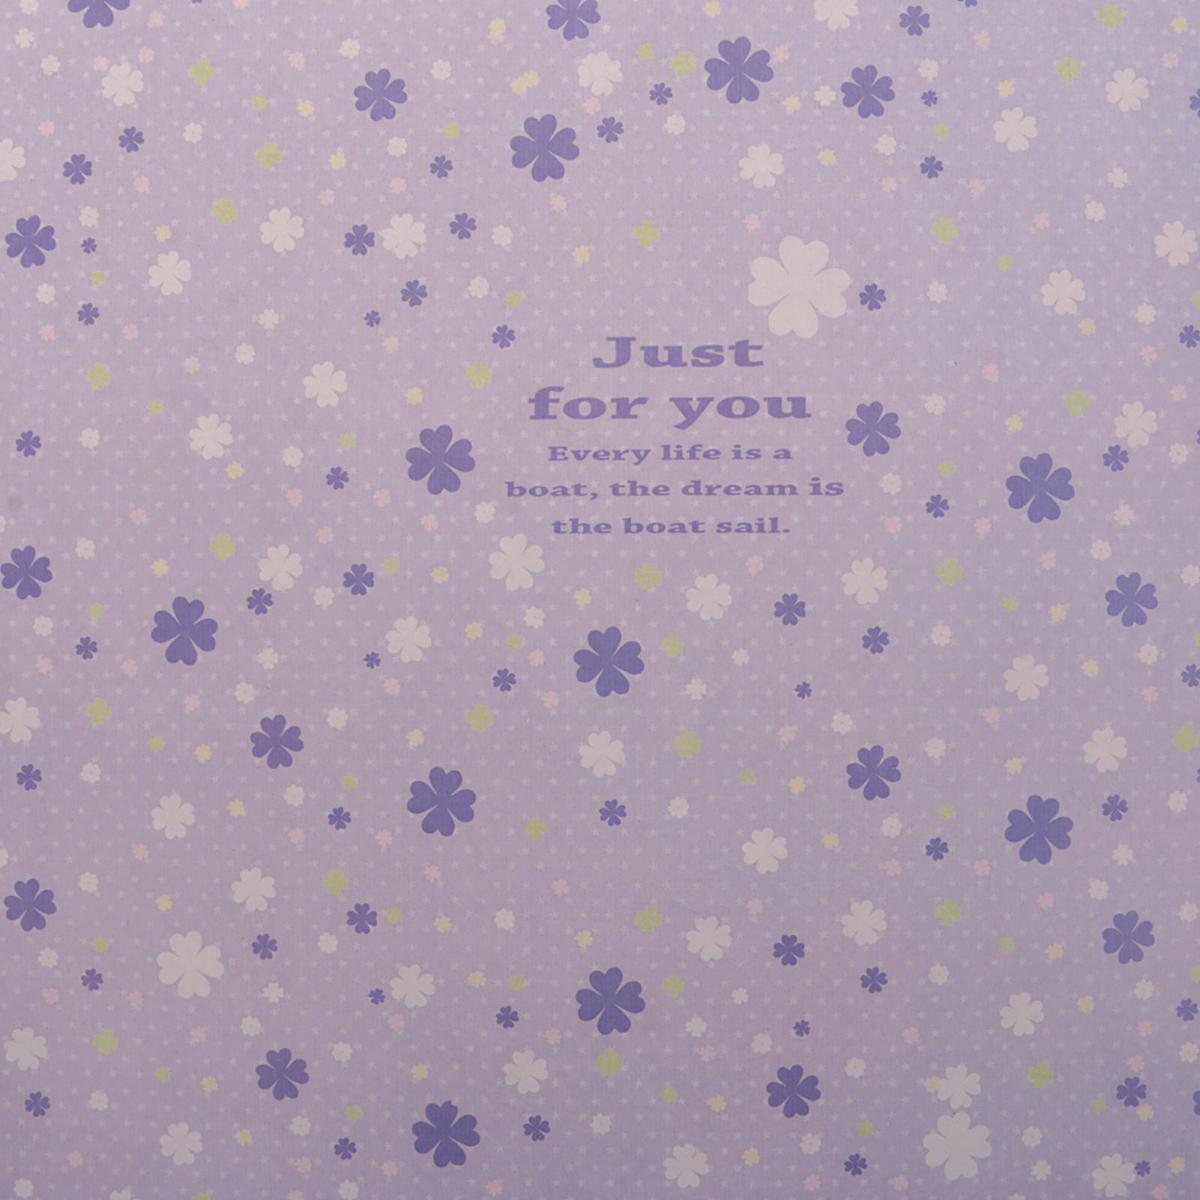 Бумага упаковочная Цветы на фиолетовом, глянцевая, 50 х 70 см. 24797862479786Любой подарок начинается с упаковки. Что может быть трогательнее и волшебнее, чем ритуал разворачивания полученного презента. И именно оригинальная, со вкусом выбранная упаковка выделит ваш подарок из массы других. Она продемонстрирует самые тёплые чувства к виновнику торжества и создаст сказочную атмосферу праздника. Бумага упаковочная глянцевая Цветы на фиолетовом, 50 х 70 см — это то, что вы искали.